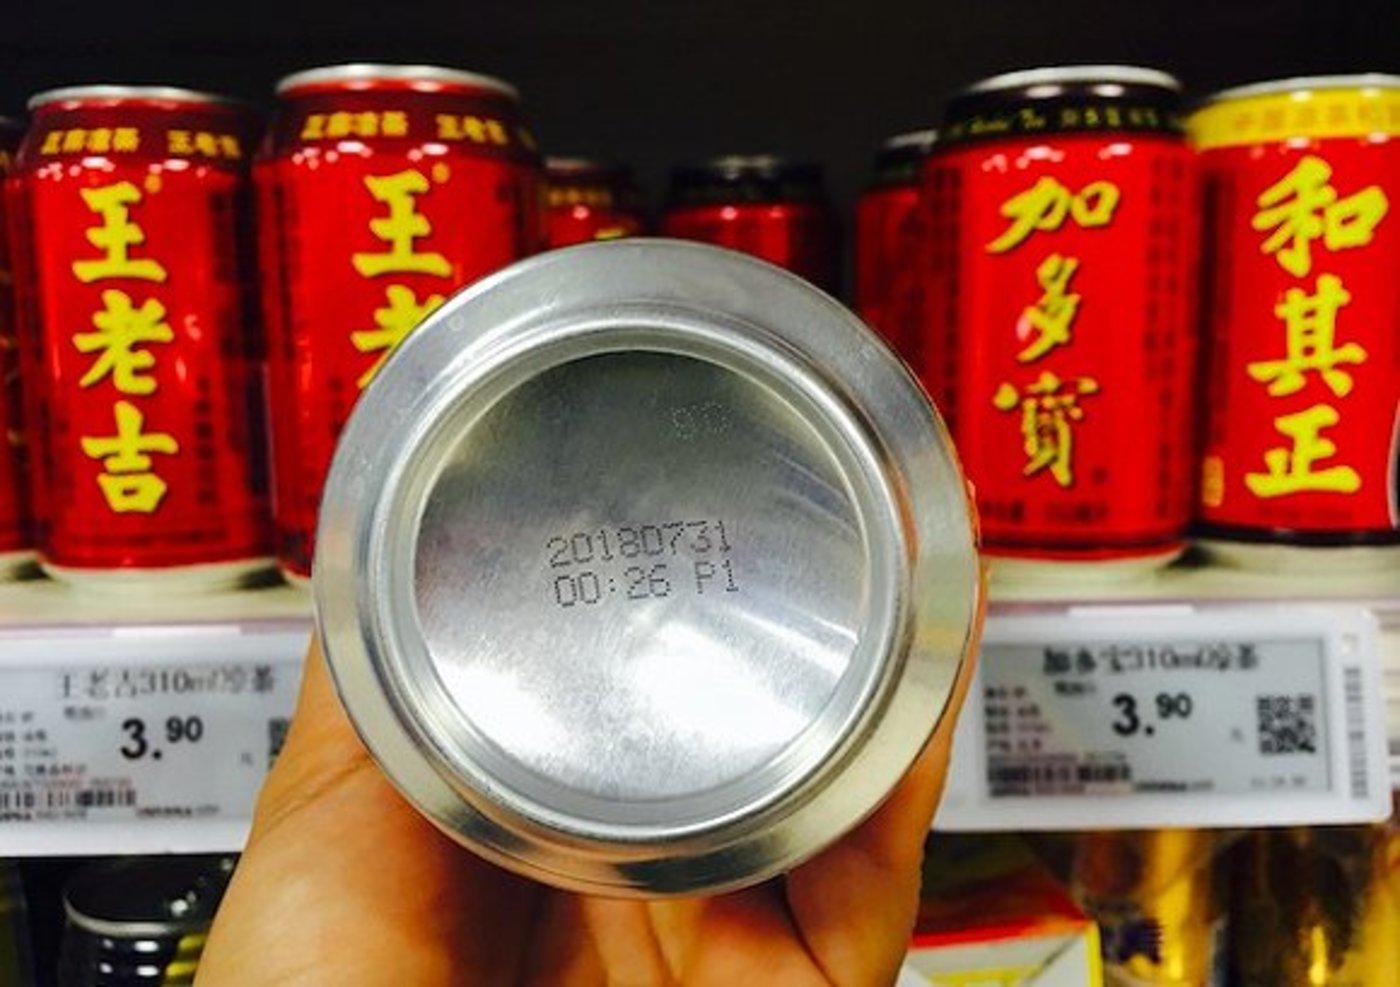 2018年10月,生产日期为7月的红罐加多宝出现在北京部分超市。摄影:赵晓娟